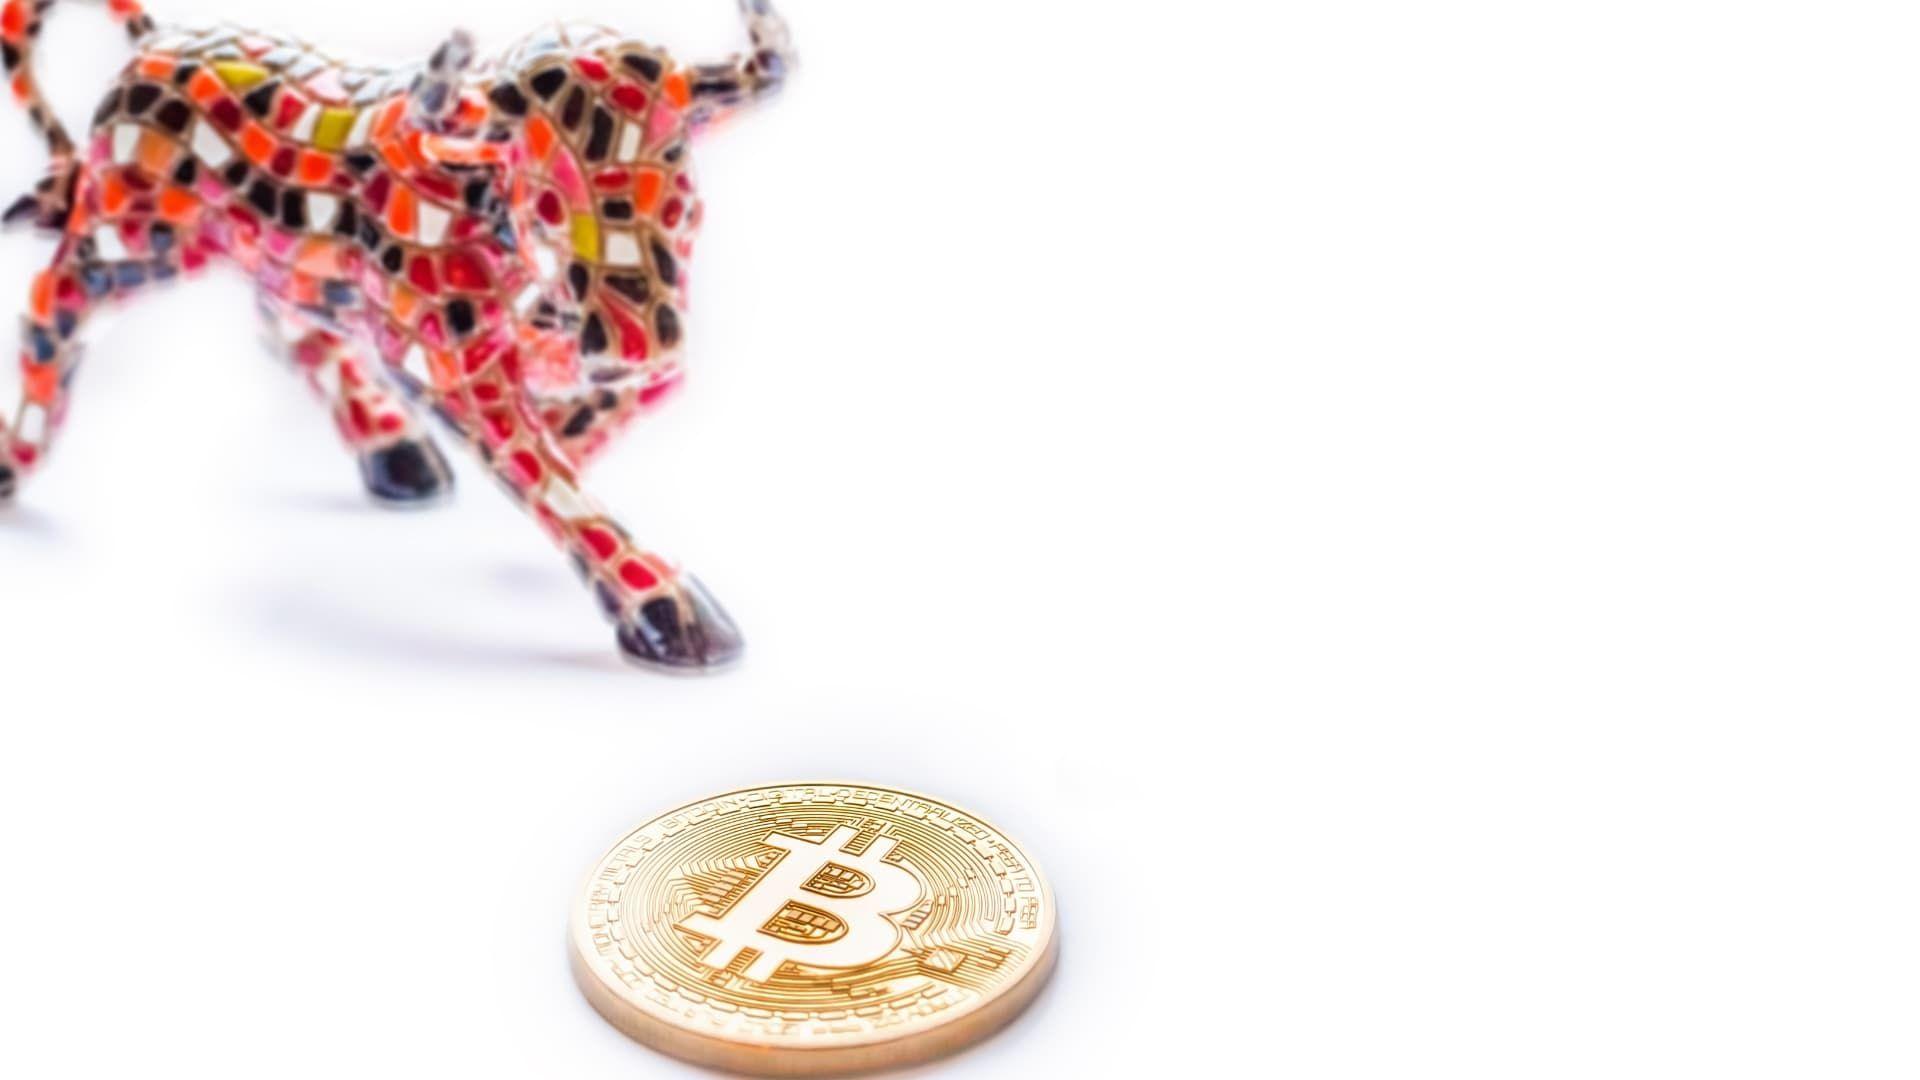 scambio bitcoin ondulazione paga con btc